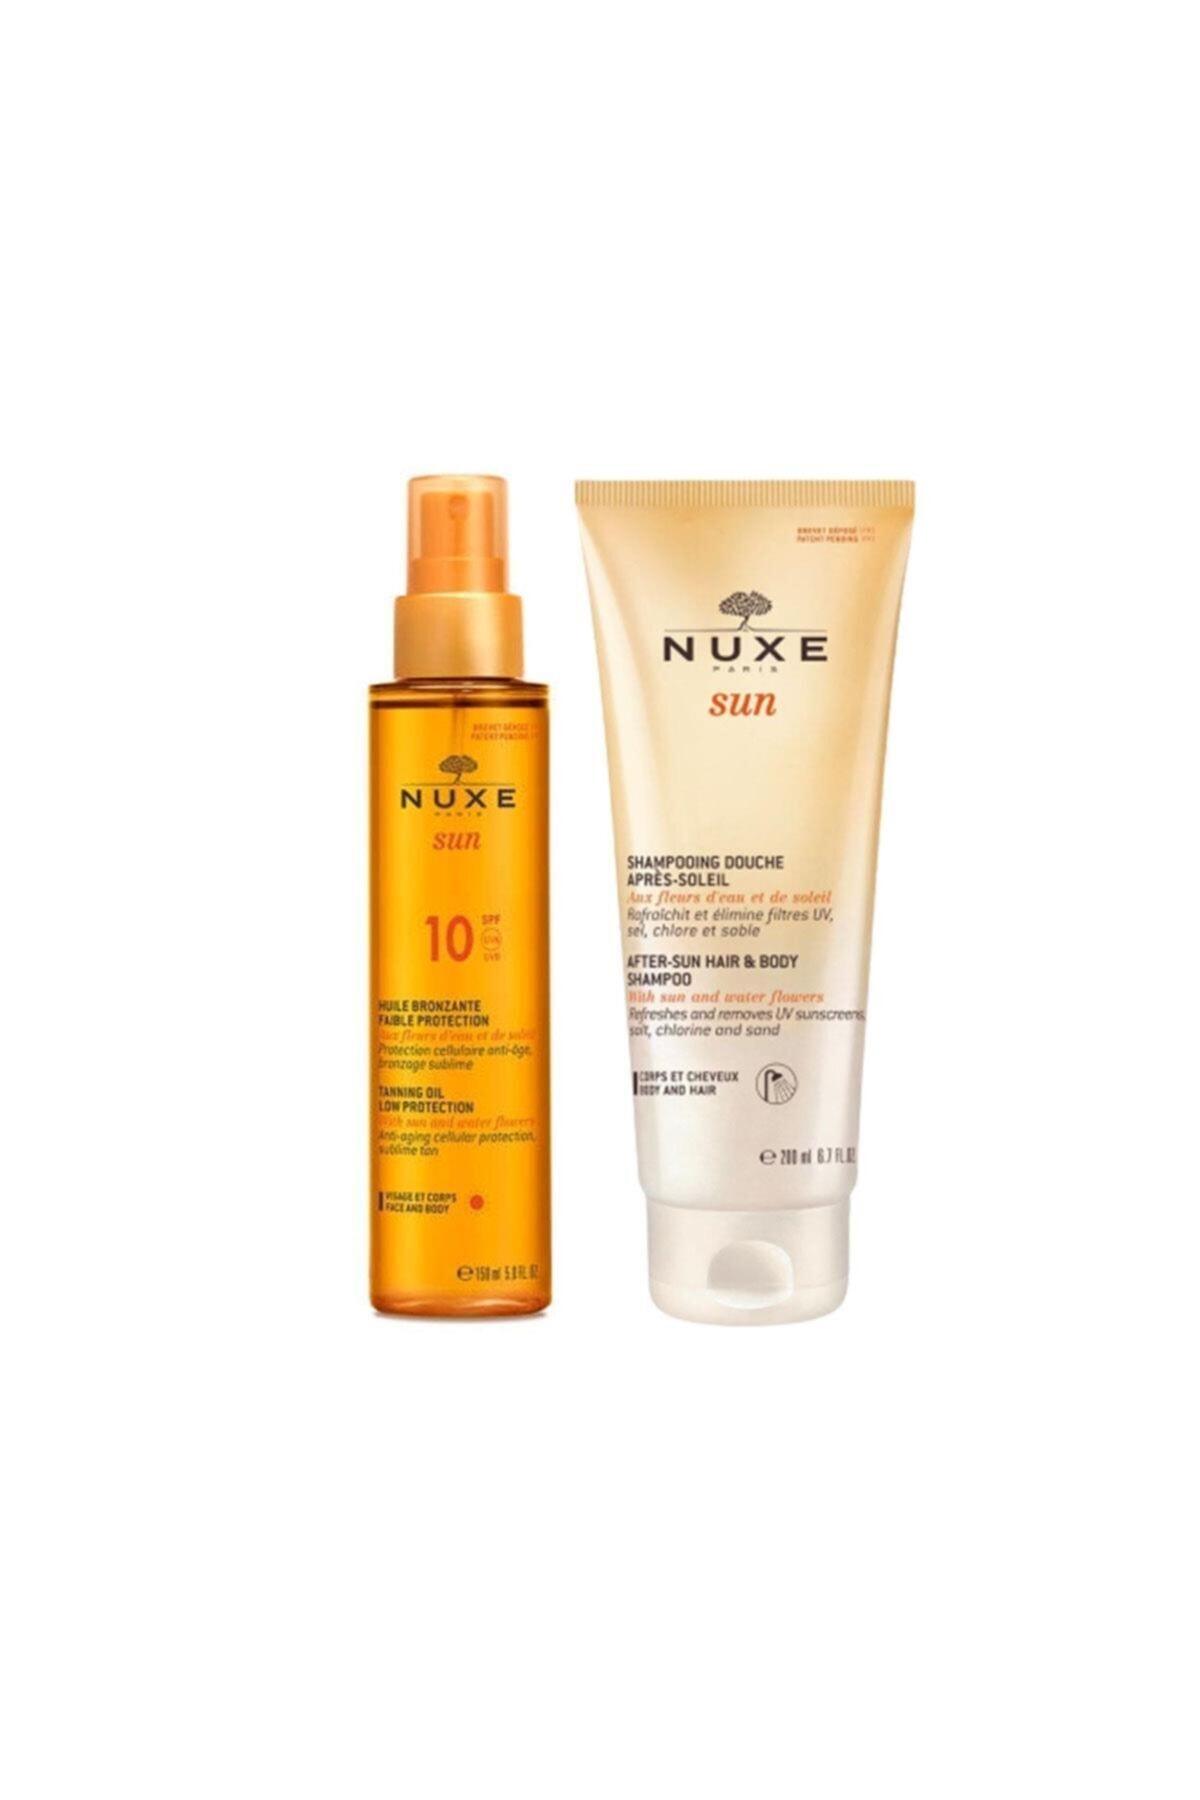 Nuxe Bronzlaştırıcı Yüz Ve Vücut Yağı Spf10 150 ml + Güneş Sonrası Nemlendirici Saç Ve Vücut Şampuan 1